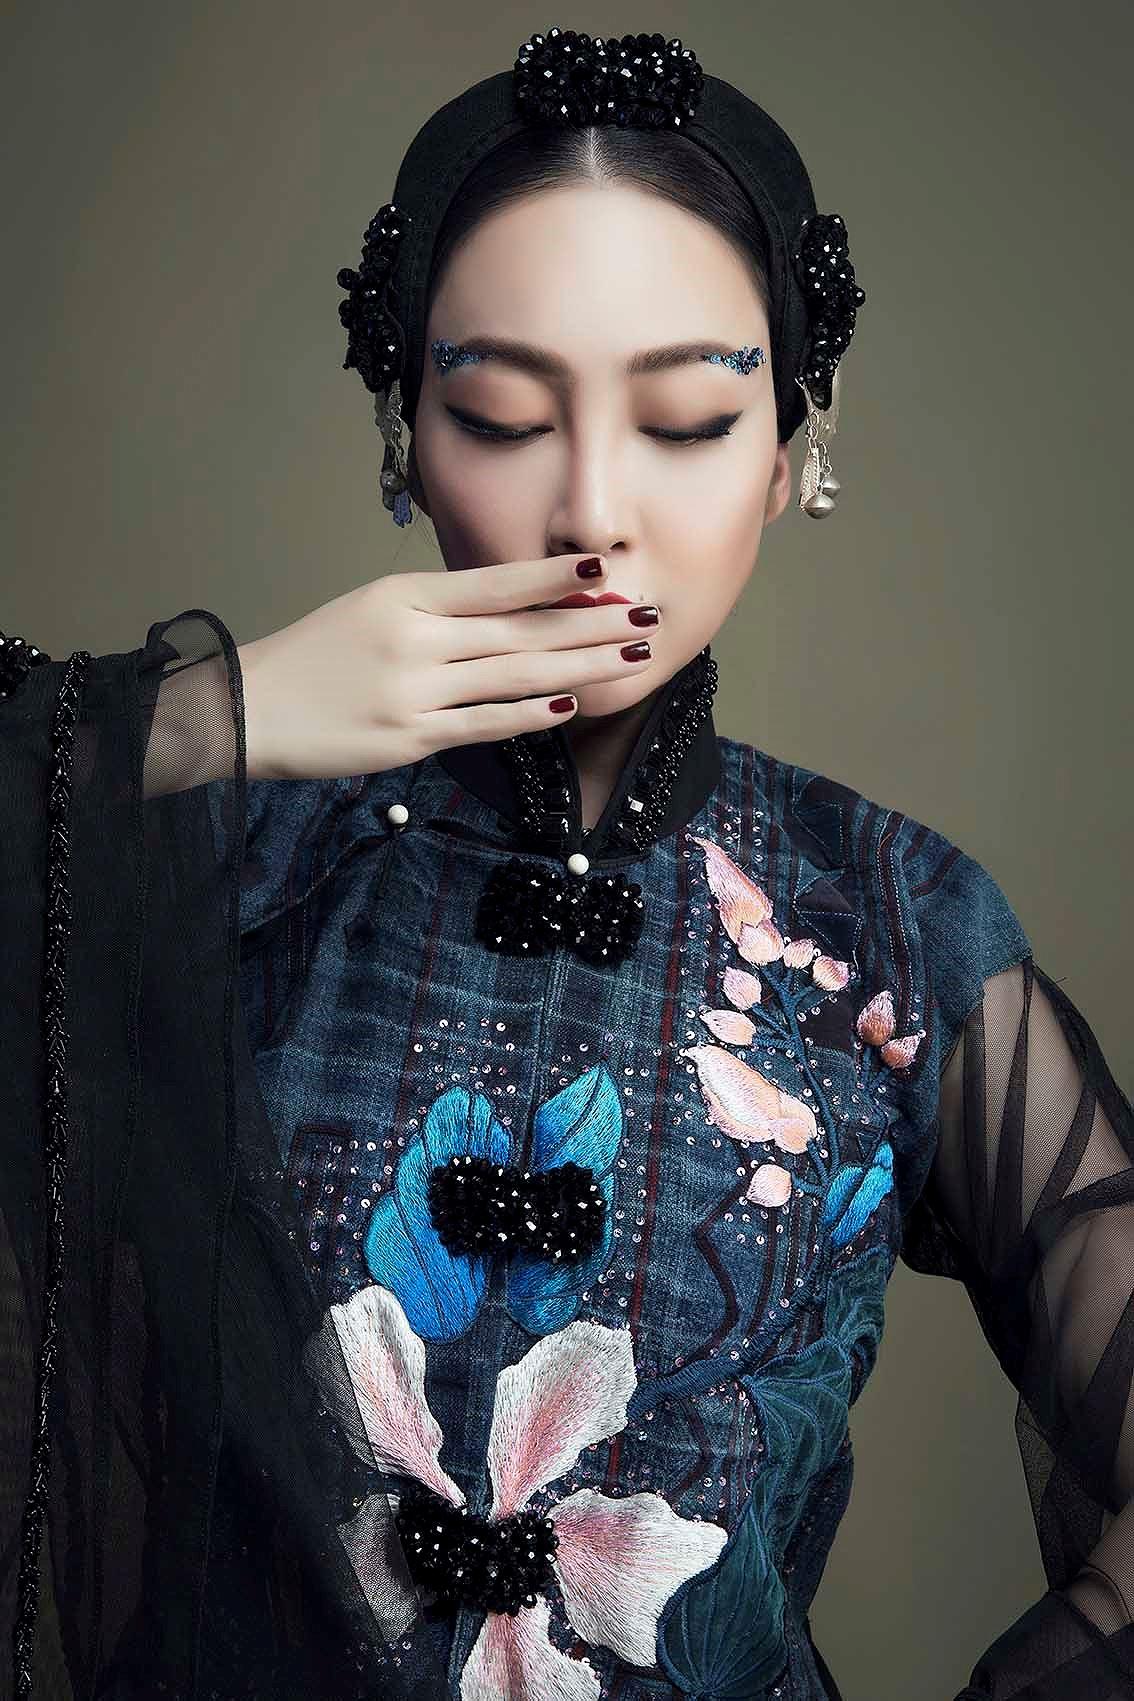 'Chim công làng múa' Linh Nga hóa nàng xuân Tây Bắc với áo dài hoa ban Ảnh 3